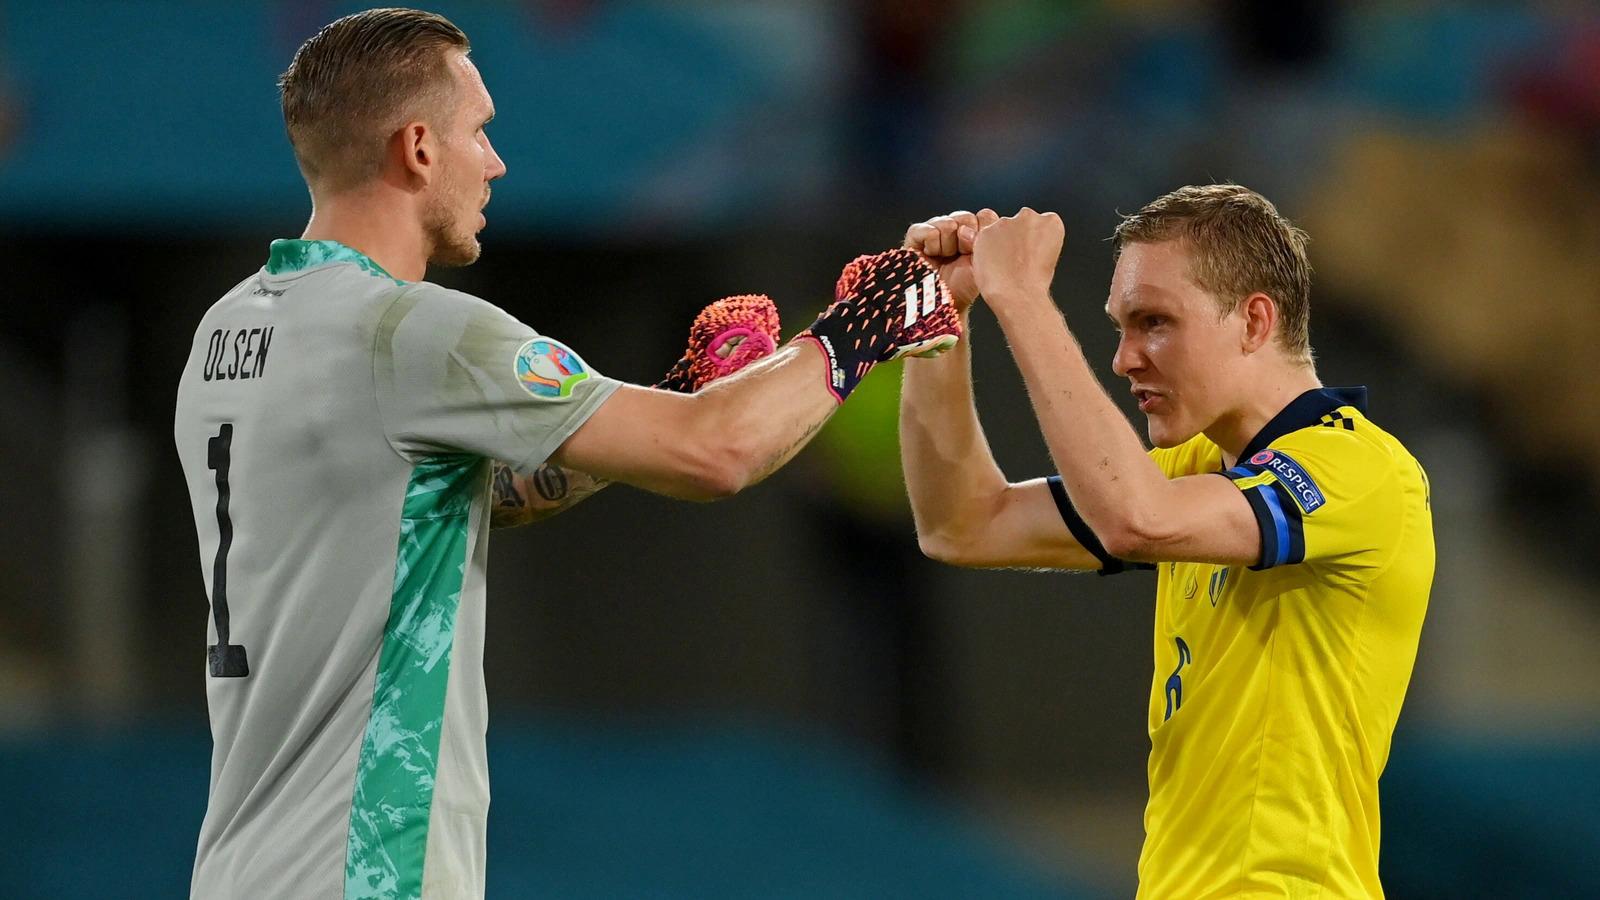 Cầu thủ Thuỵ Điển mừng trận hoà Tây Ban Nha. Ảnh: Reuters